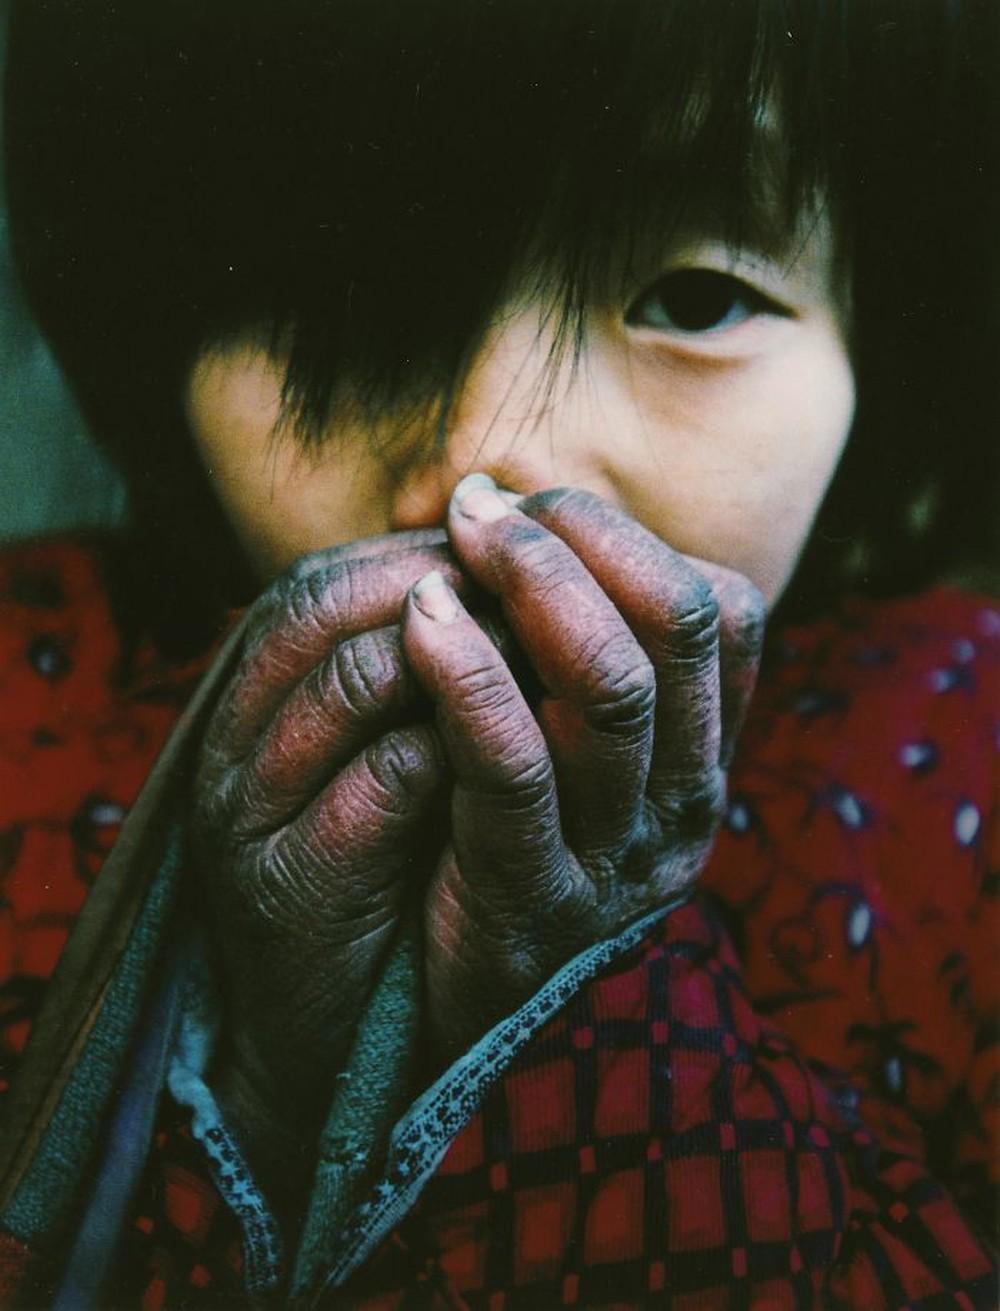 21 bức ảnh bóc trần góc tối mà TQ muốn che giấu và sự biến mất bí ẩn của nhiếp ảnh gia - Ảnh 22.